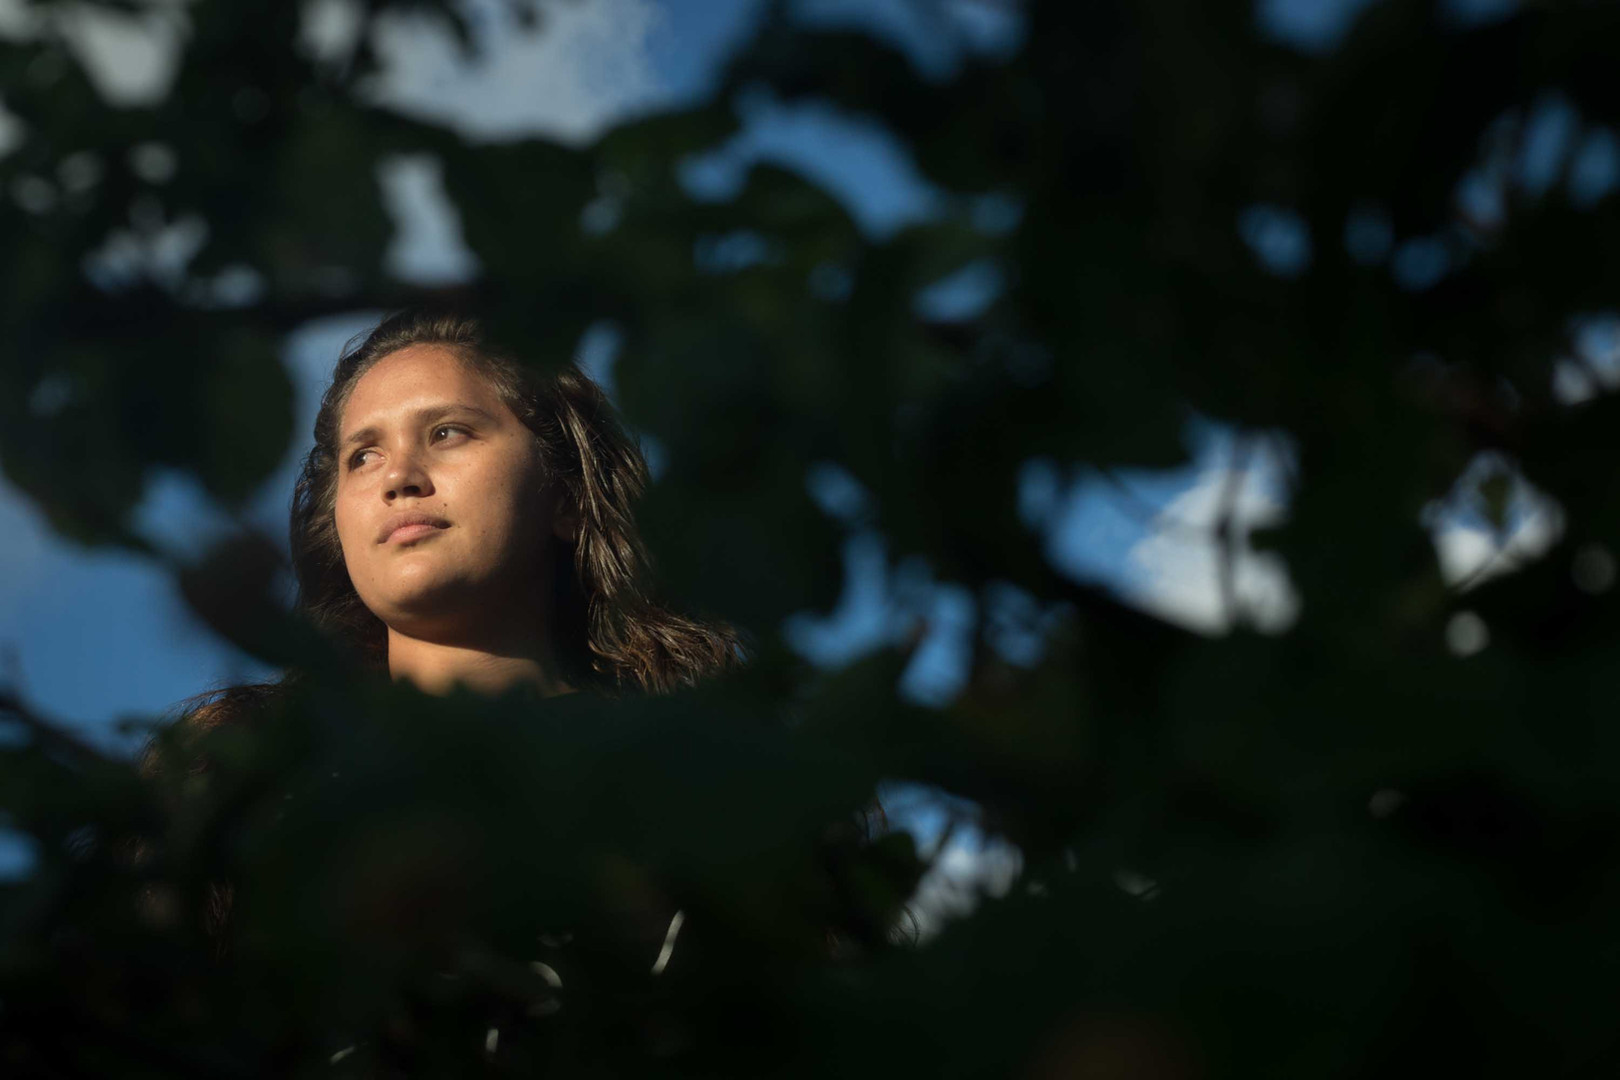 UHM Graduate Student in Hawaiian Studies Tiele-Lauren Doudt poses for a portrait on November 8, 2019.